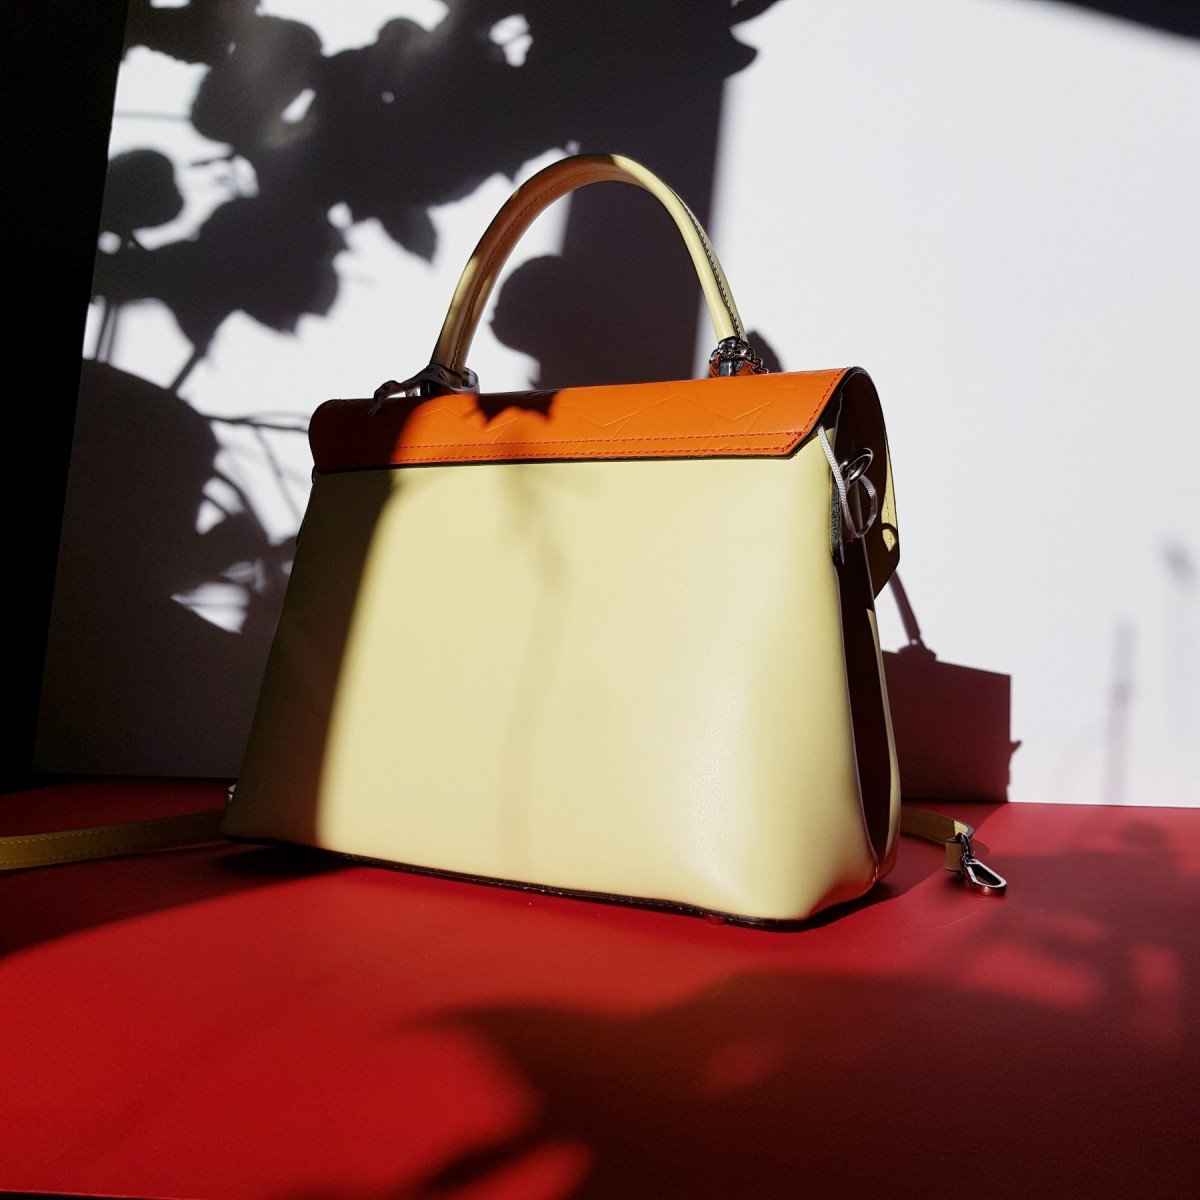 Женская кожаная сумка Sara Burglar A0S0Y540 GIALLO/ARANCIO из натуральной кожи